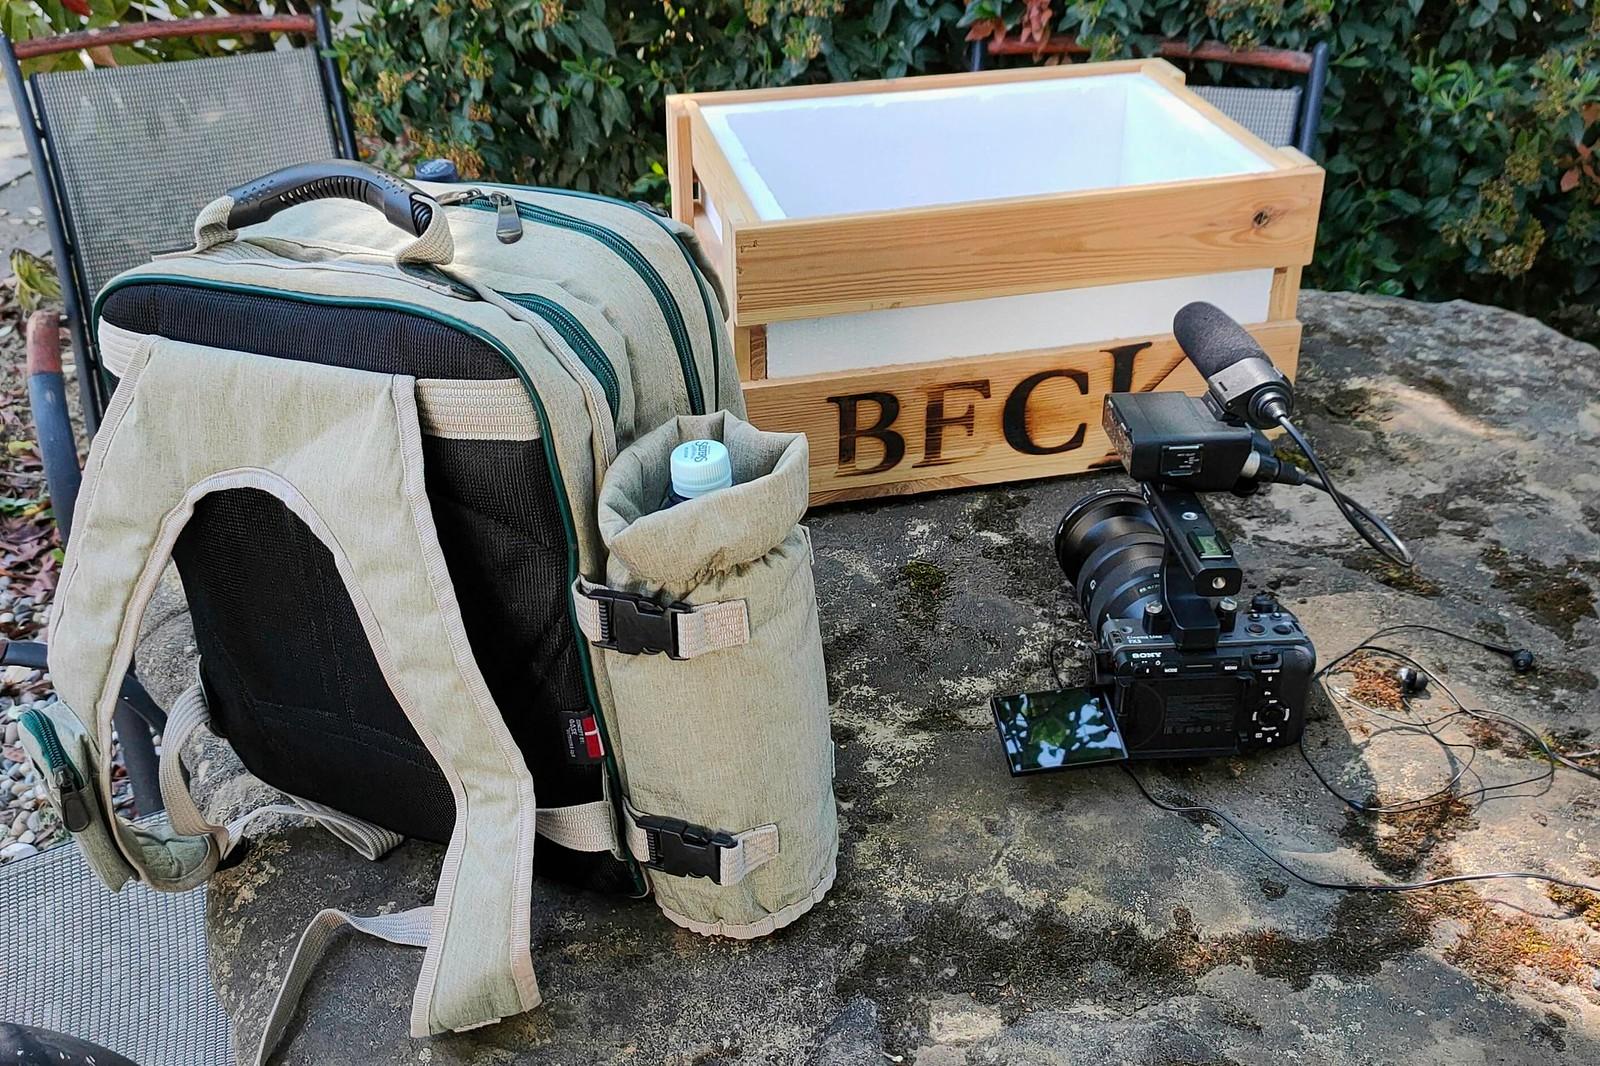 Beck in a Box - Picknick auf der Hiwweltour Stadecker Warte vom Weingut Beck (Hedesheimer Hof)